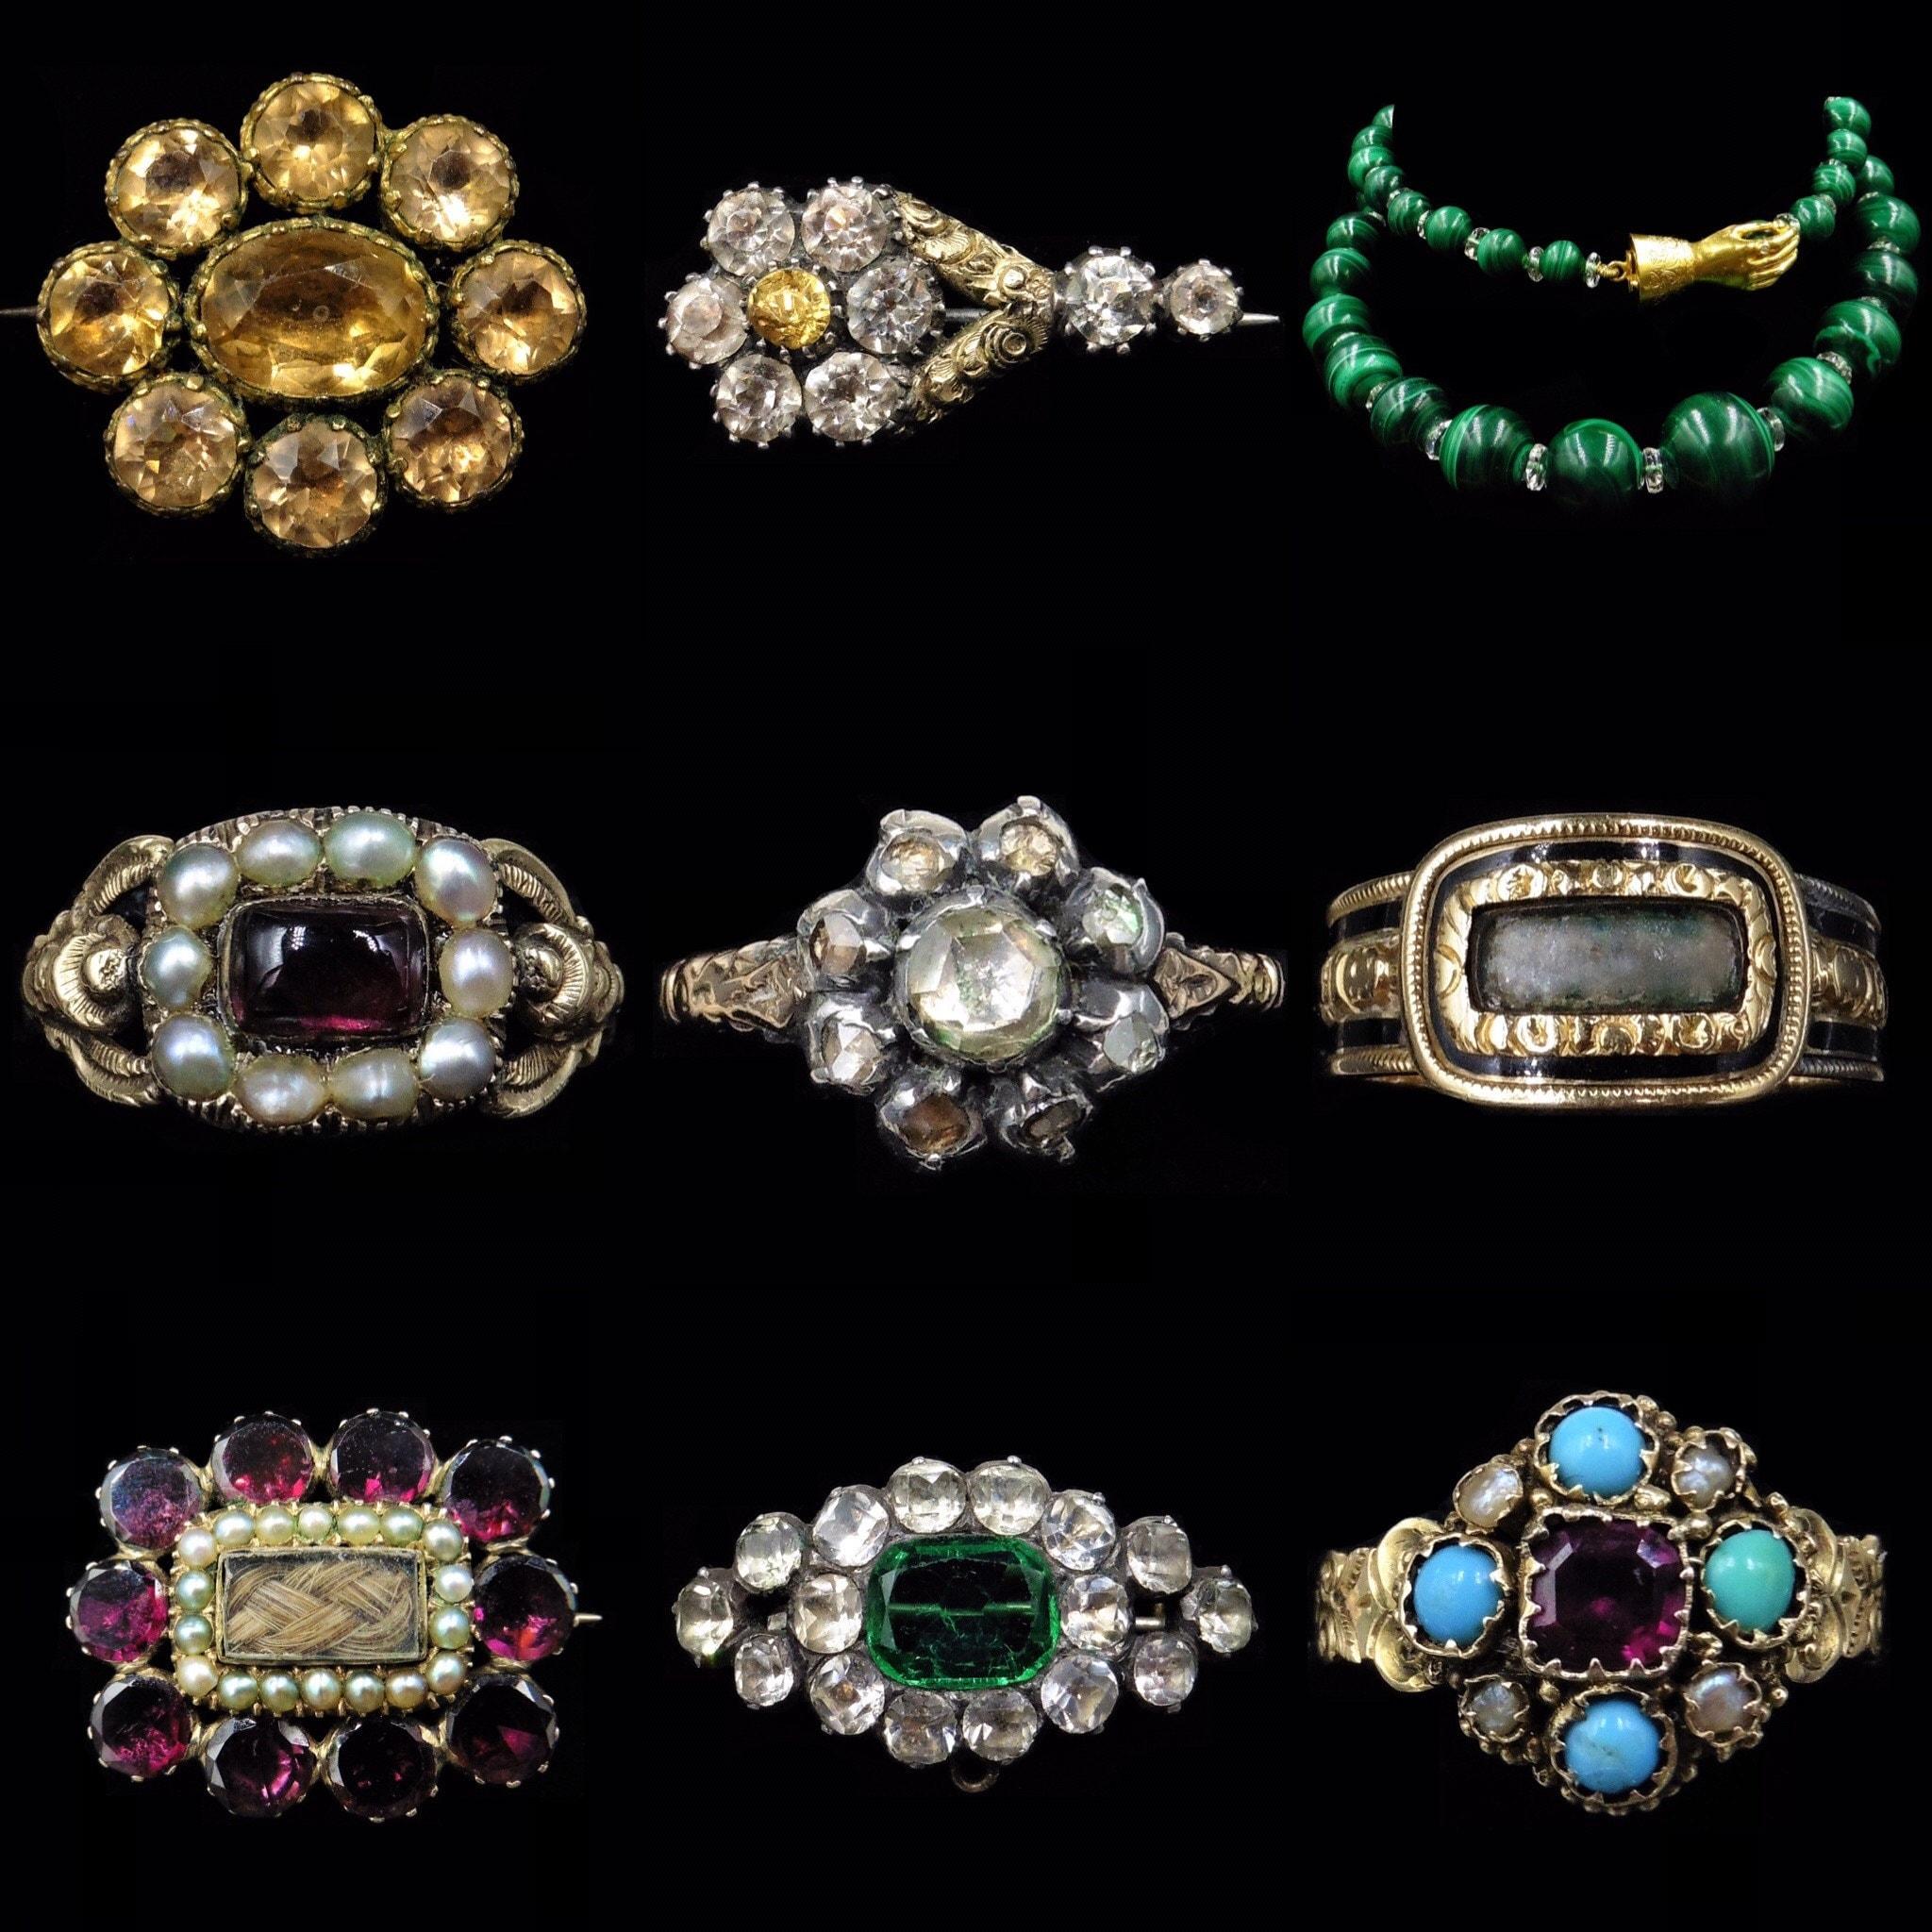 Collage of Georgian Jewellery